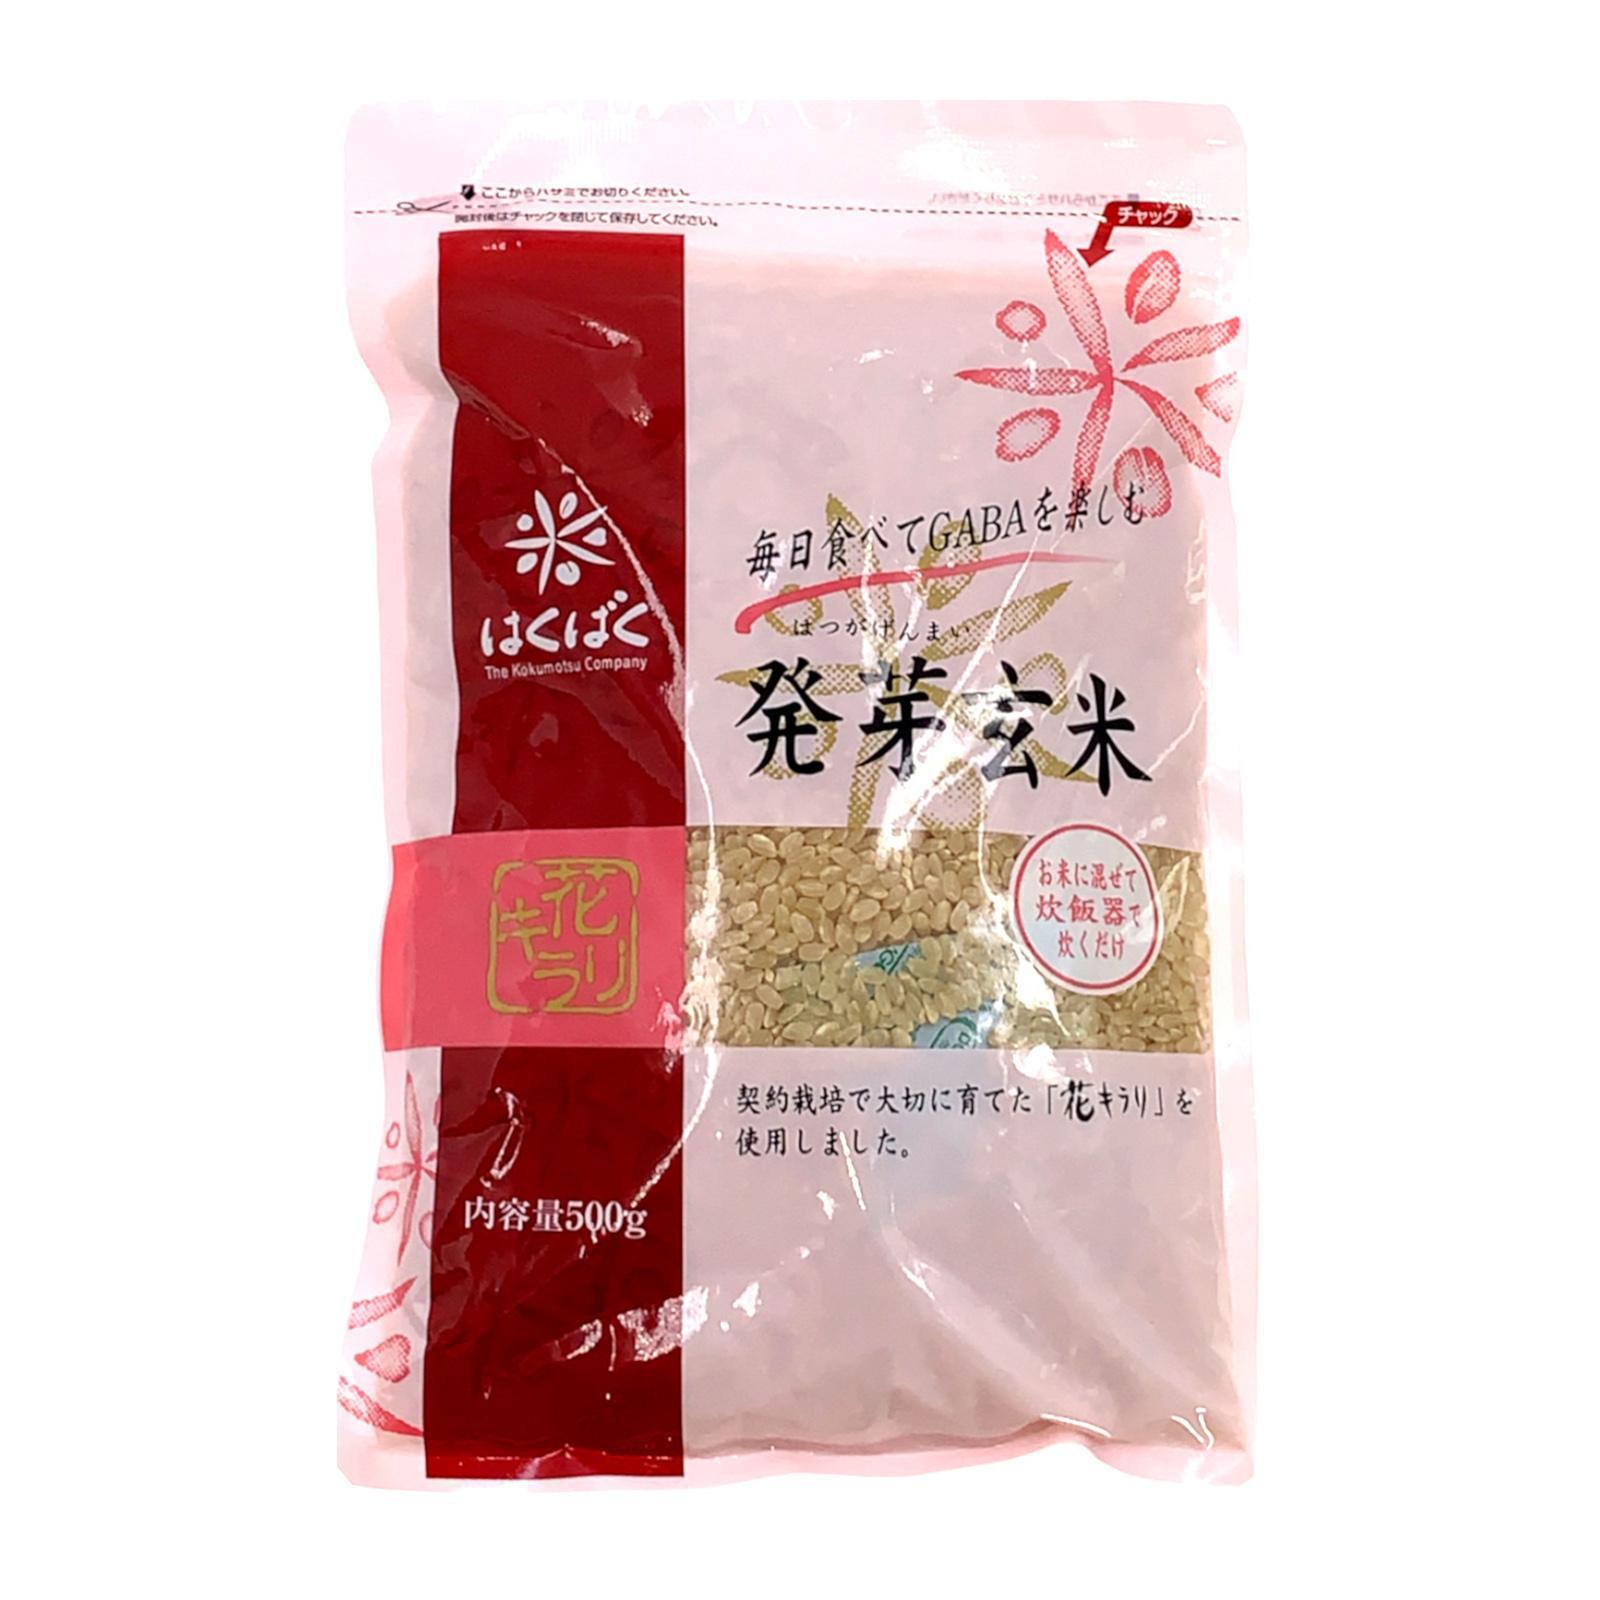 Hakubaku Germinated Brown Rice and Eight Grain Rice